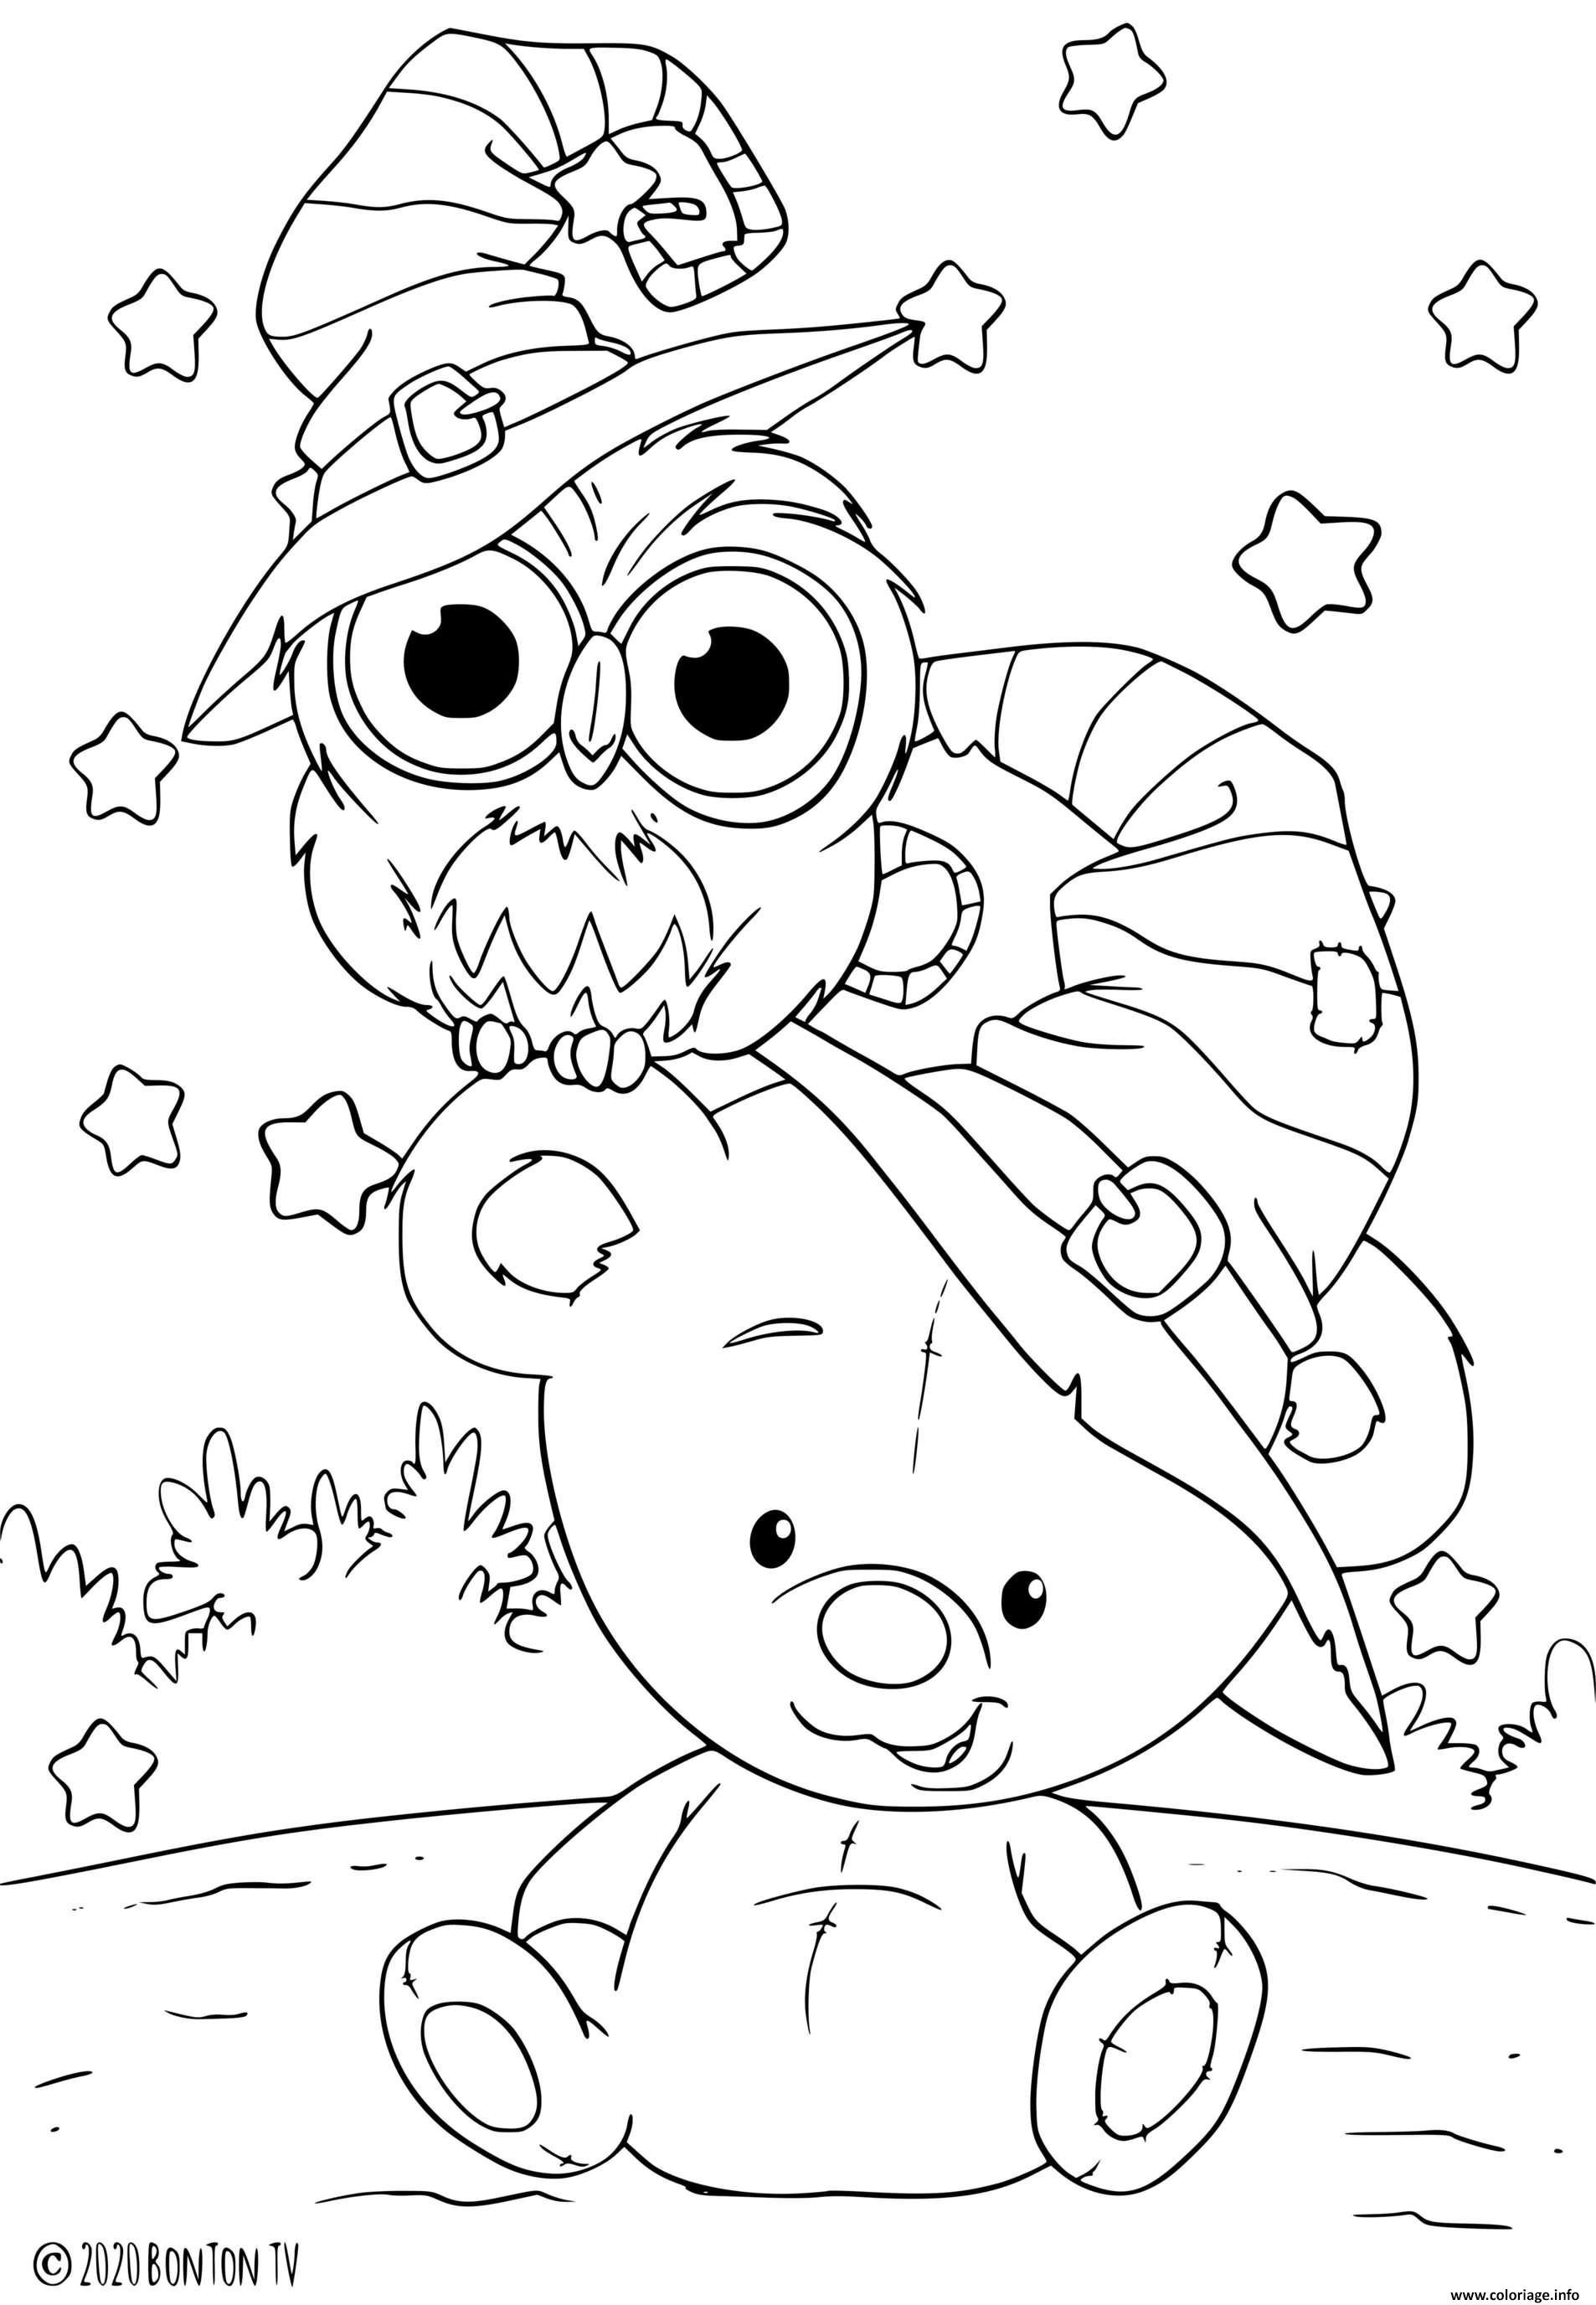 Dessin petit nounours pour halloween avec un hibou Coloriage Gratuit à Imprimer